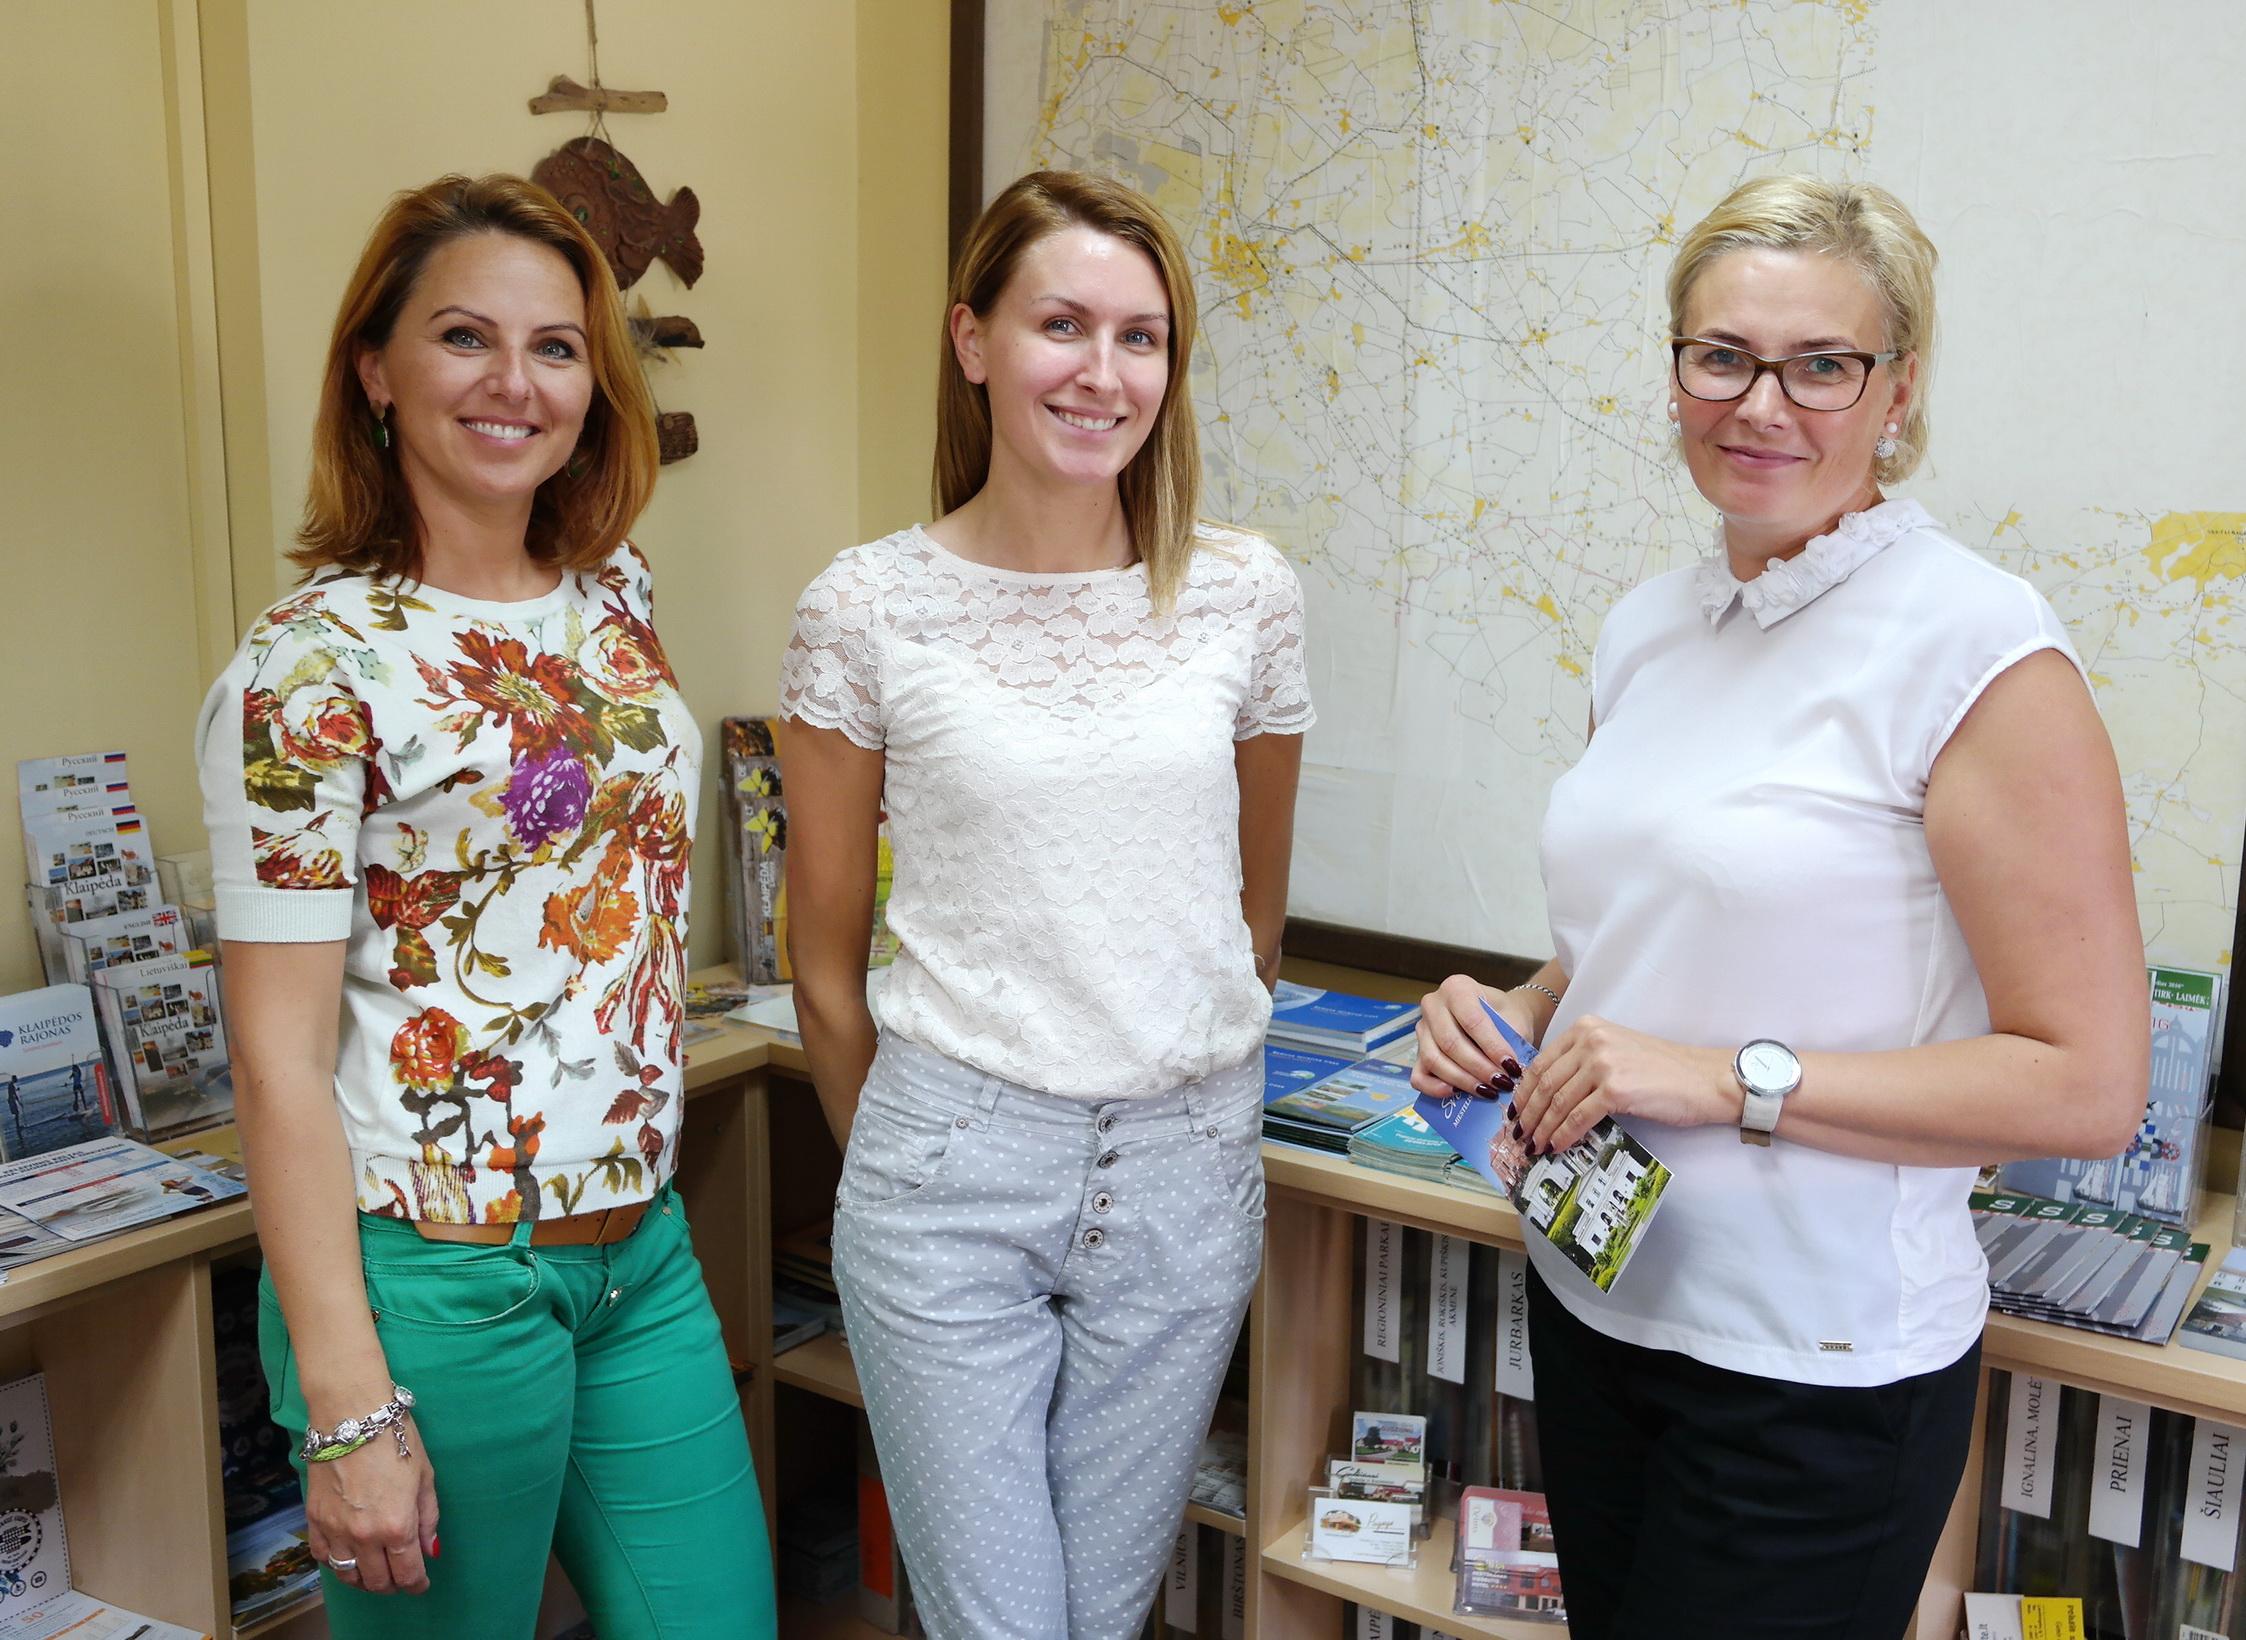 VšĮ Šilutės turizmo informacijos centro darbuotojos (iš kairės): turizmo informacijos specialistė Rasa Šeputytė, turizmo vadybininkė Viktorija Paičiūtė ir direktorė Rasa Kmitienė.